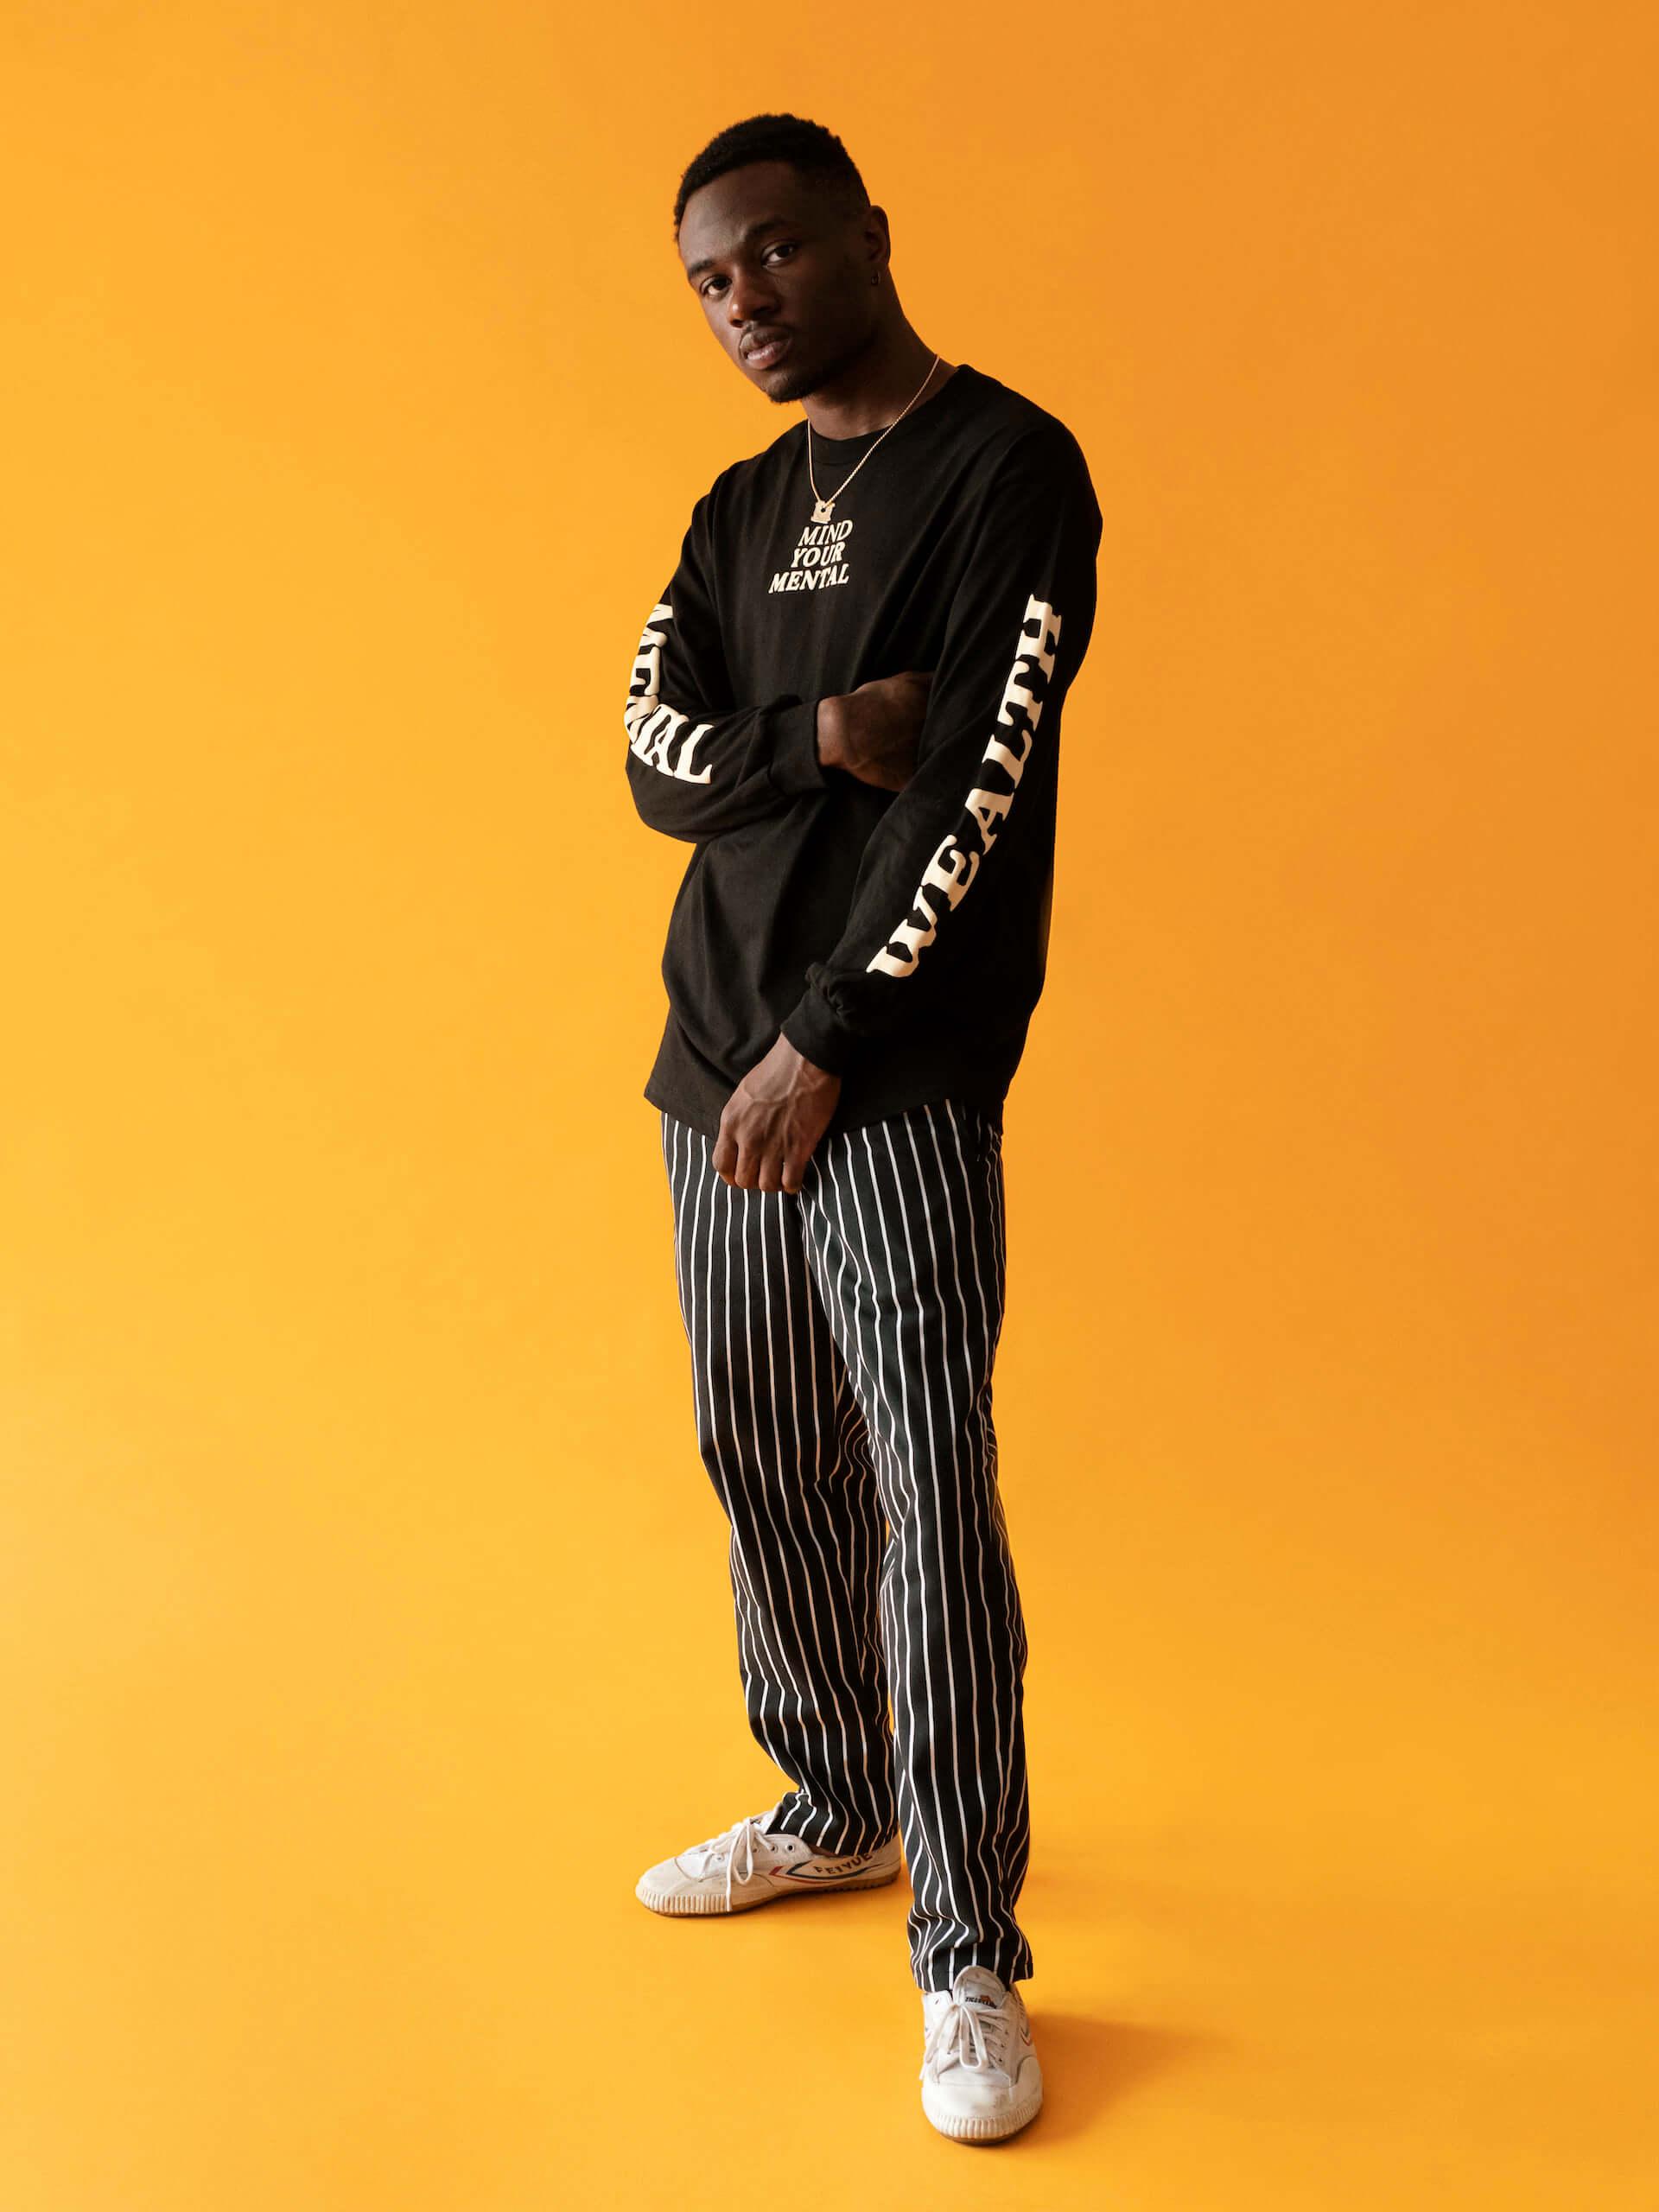 Chance The Rapperのアルバムジャケットなどを手掛けるアートディレクターBrandon Breauxがクリエイティブの祭典<rooms>に出展 music200213_rooms40_3-1920x2560